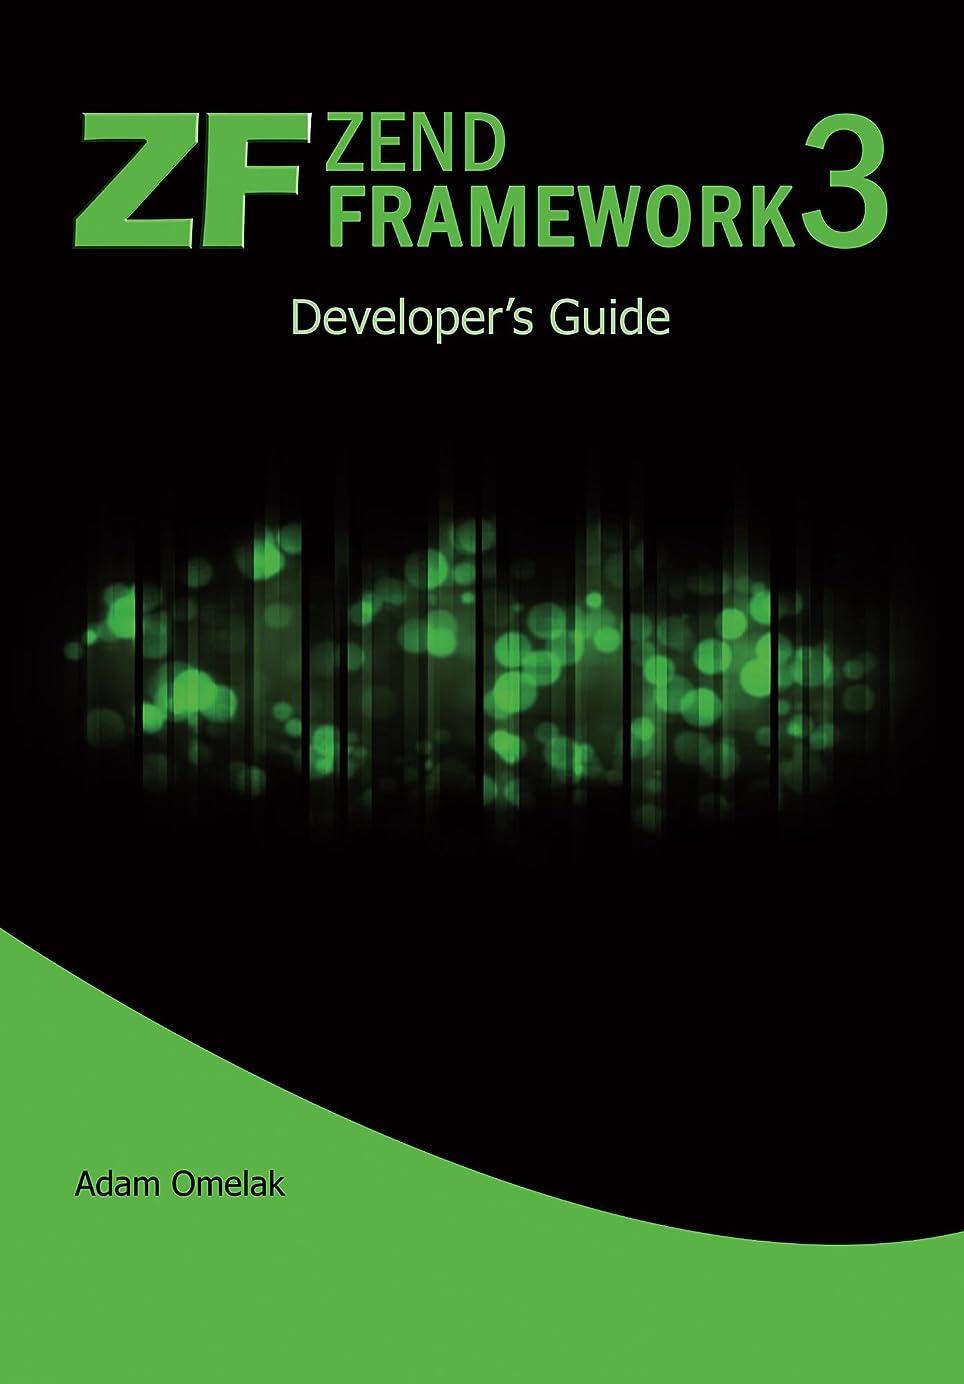 議題百年変わるZend Framework 3. Developer's Guide (English Edition)